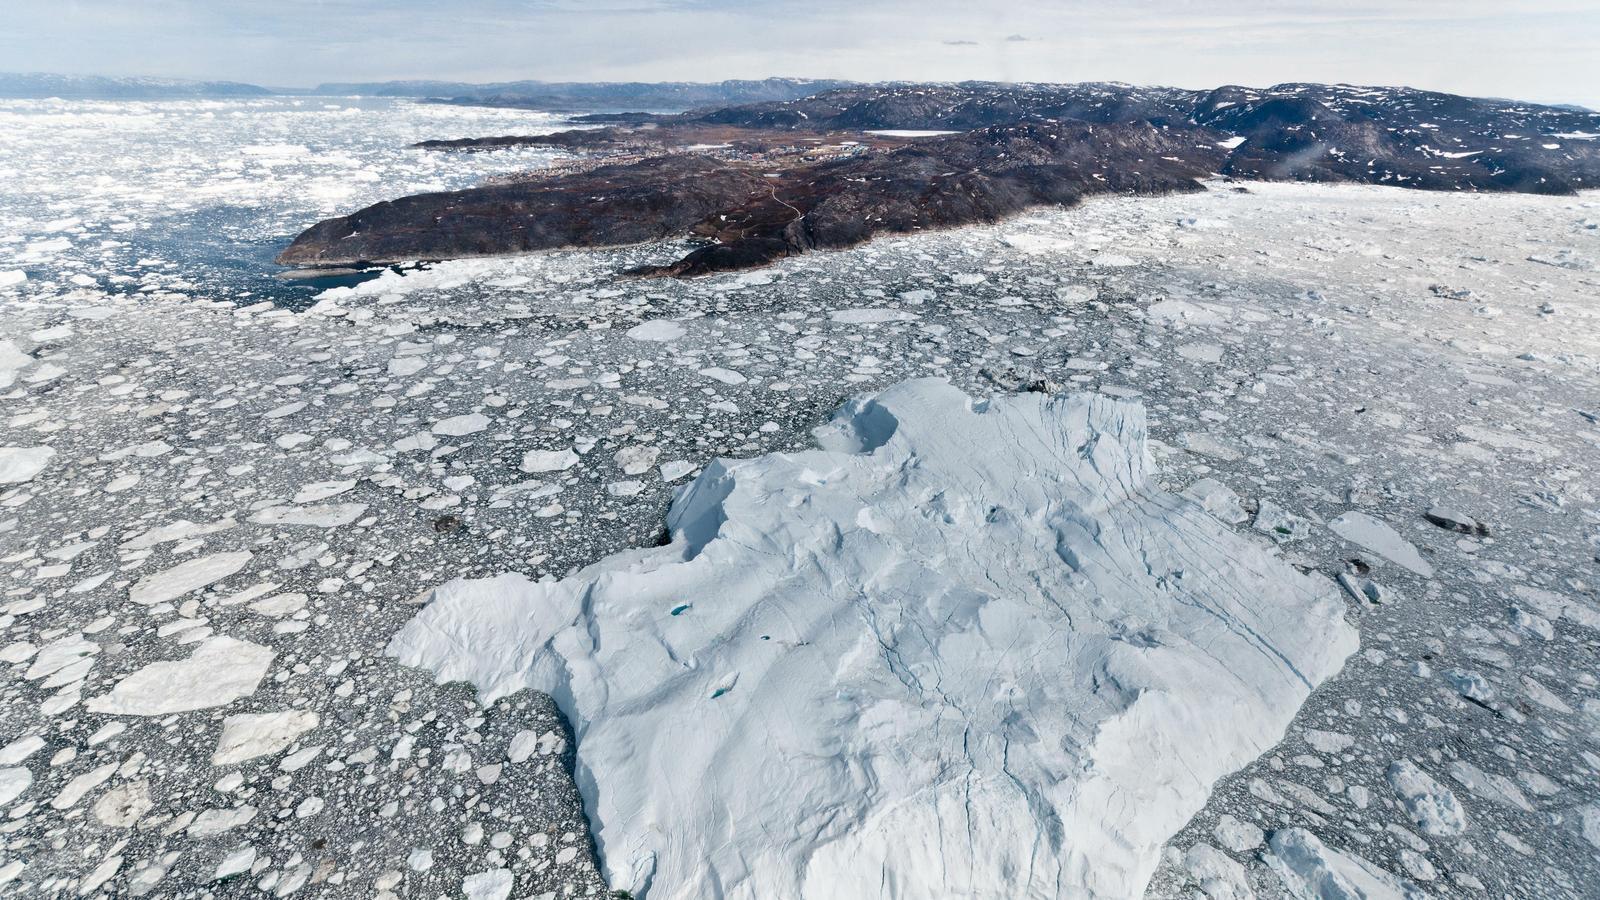 Les restes d'un iceberg en una zona poc profunda de la badia de Disko, a la costa oest de Groenlàndia. / IAN JOUGHIN / Universitat de Washington